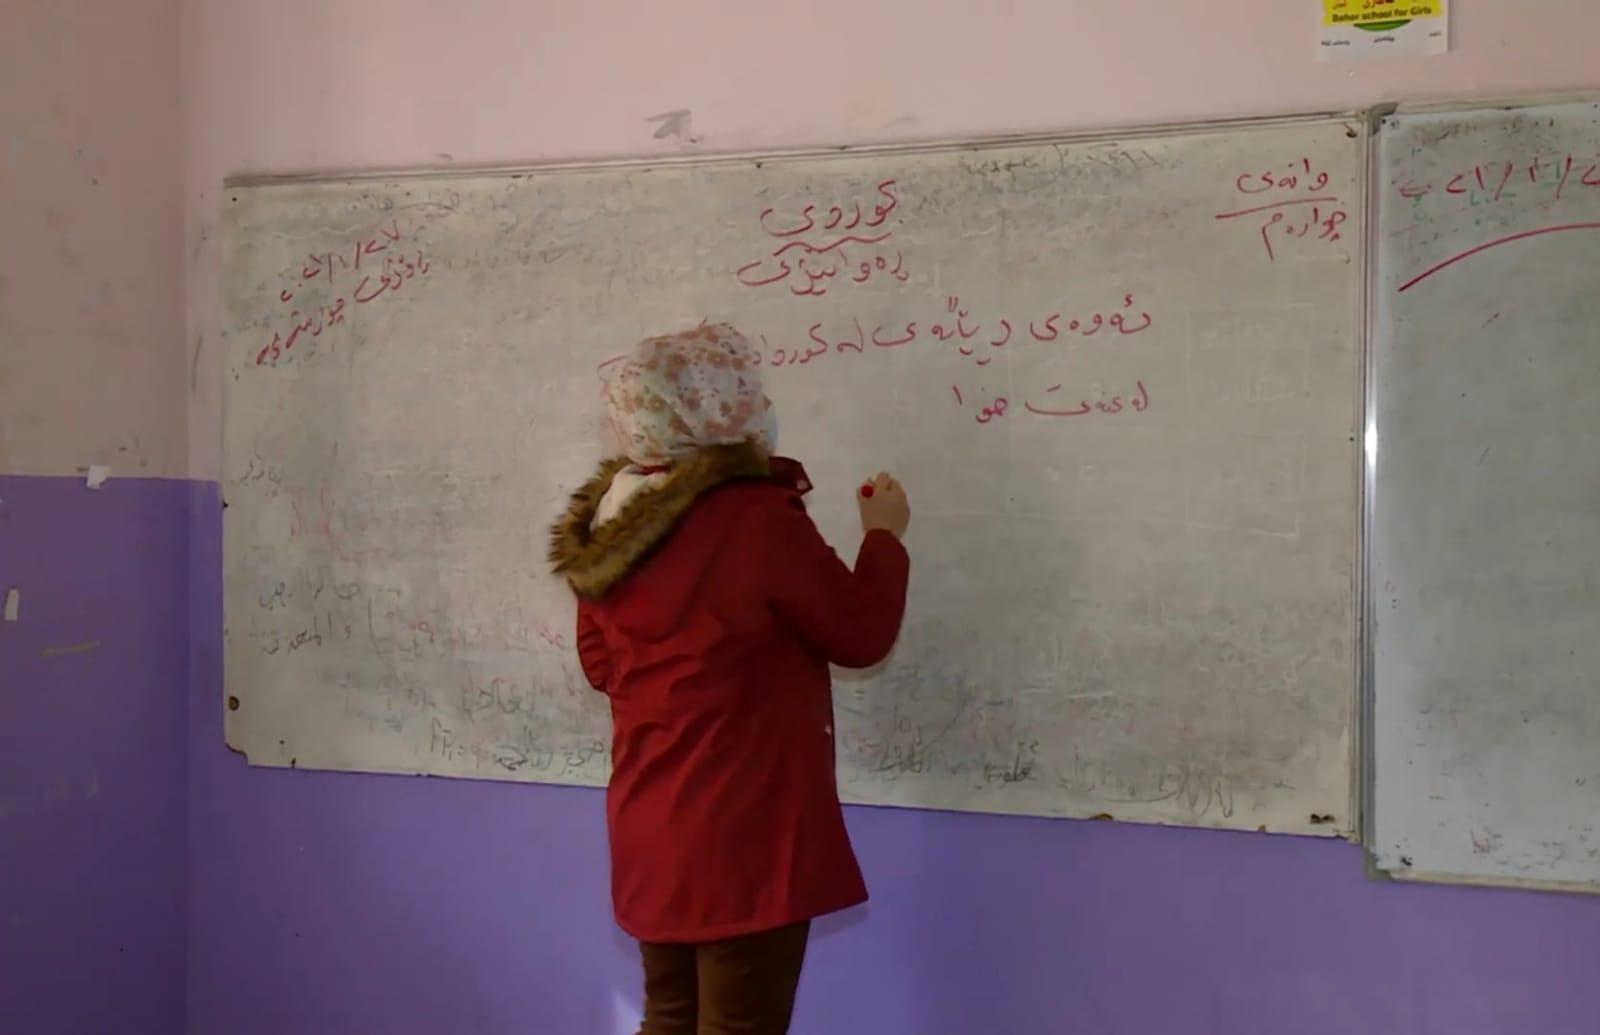 Kürtçeyi müfredattan kaldıran Irak Eğitim Bakanlığı'na tepki!